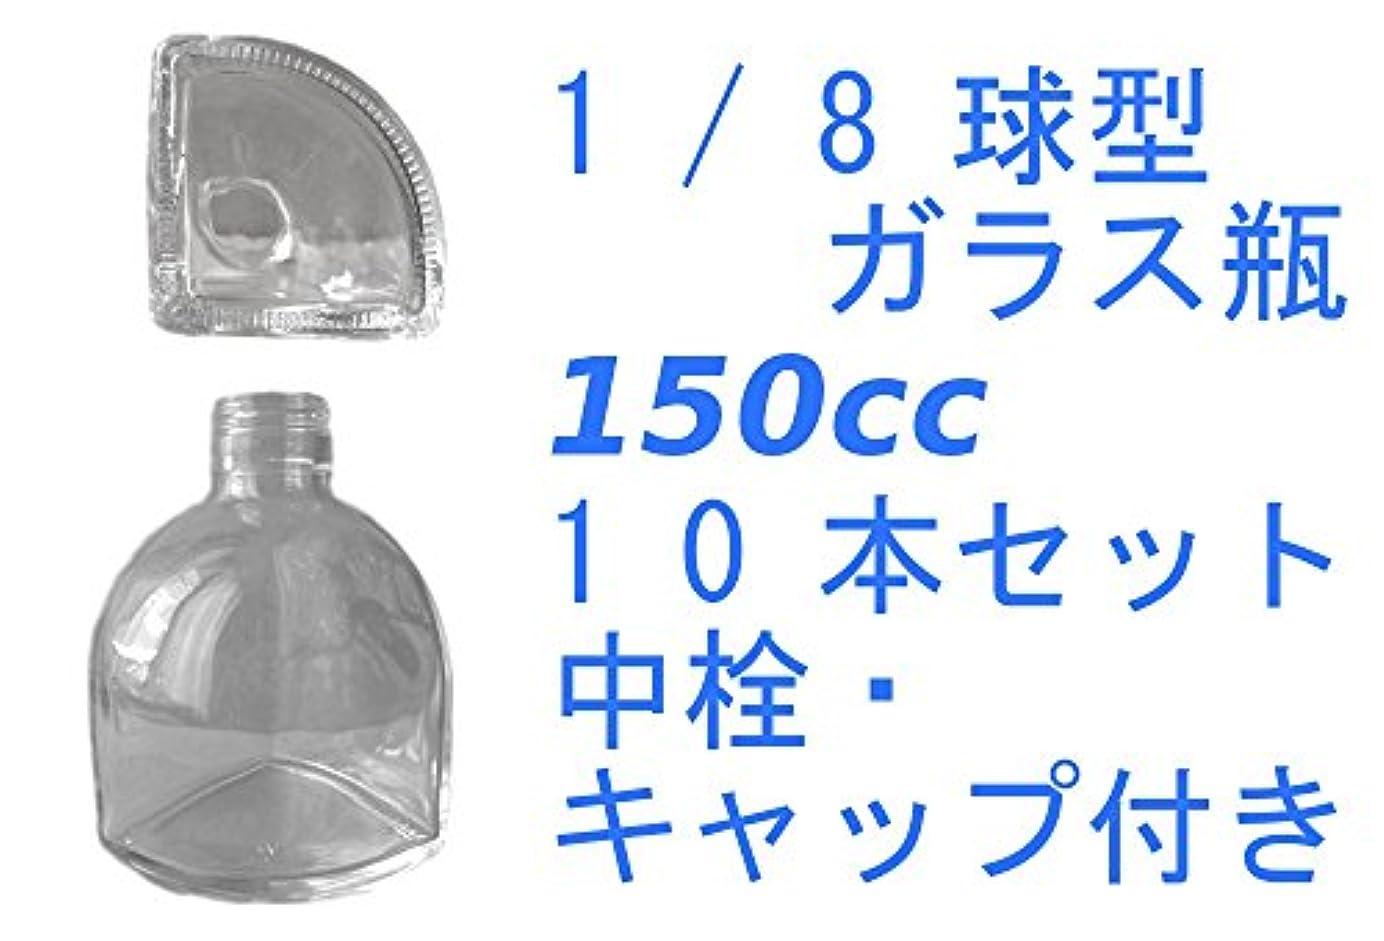 クライアント成長渇き(ジャストユーズ)JustU's 日本製 ポリ栓 中栓付き1/8球型ガラス瓶 10本セット 150cc 150ml アロマディフューザー ハーバリウム 調味料 オイル タレ ドレッシング瓶 B10-UDU150A-S